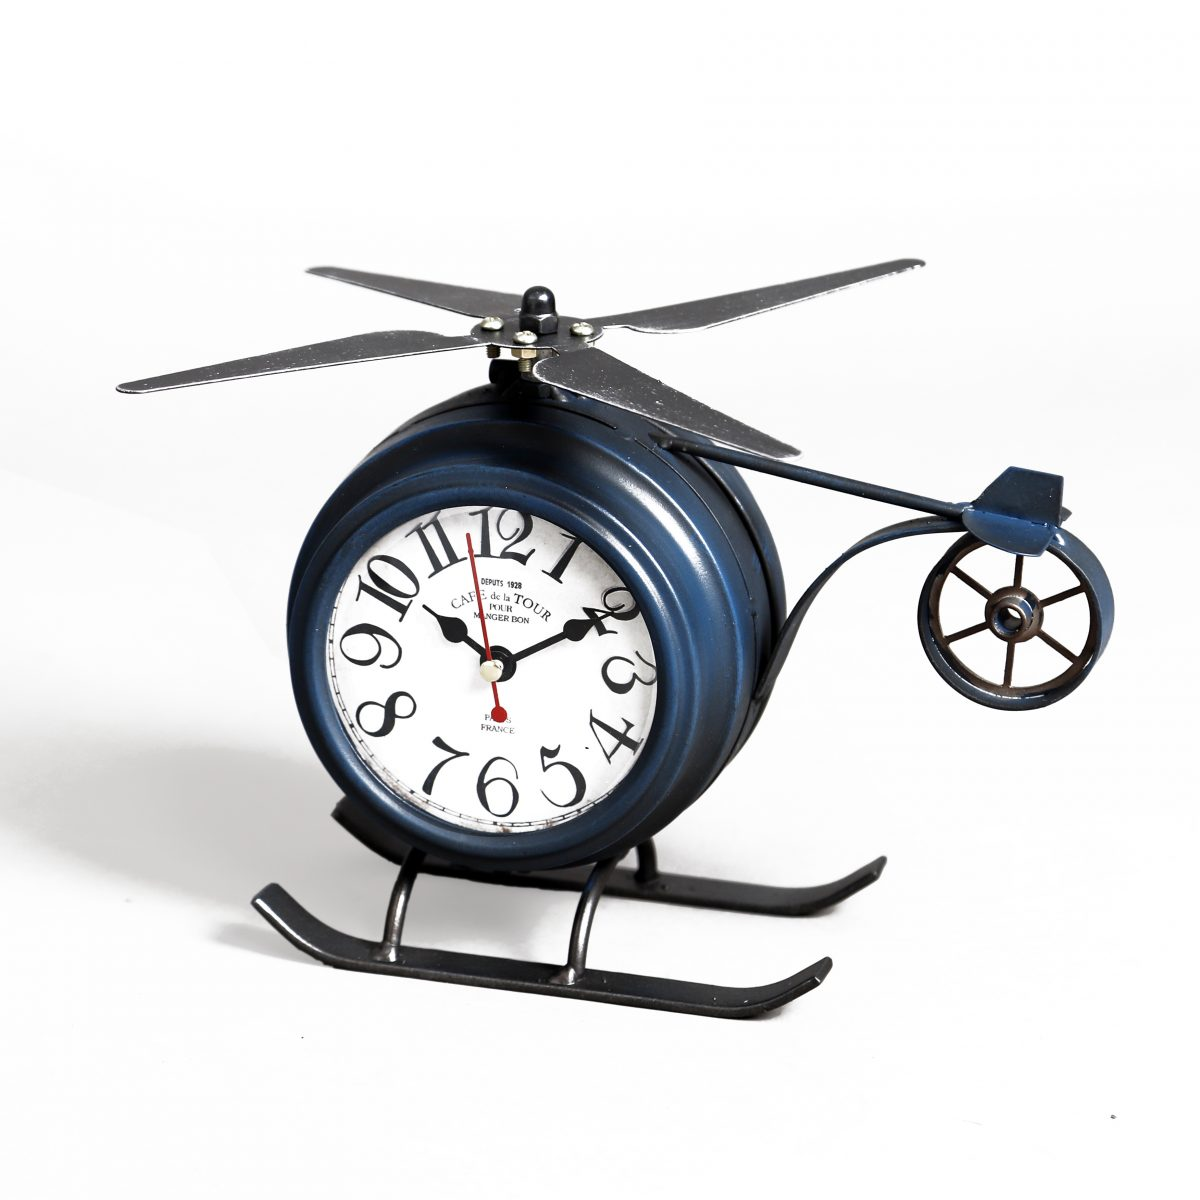 ساعة طاولة أنتيكة موديل بلان شكل الطائرة صناعة معدنية